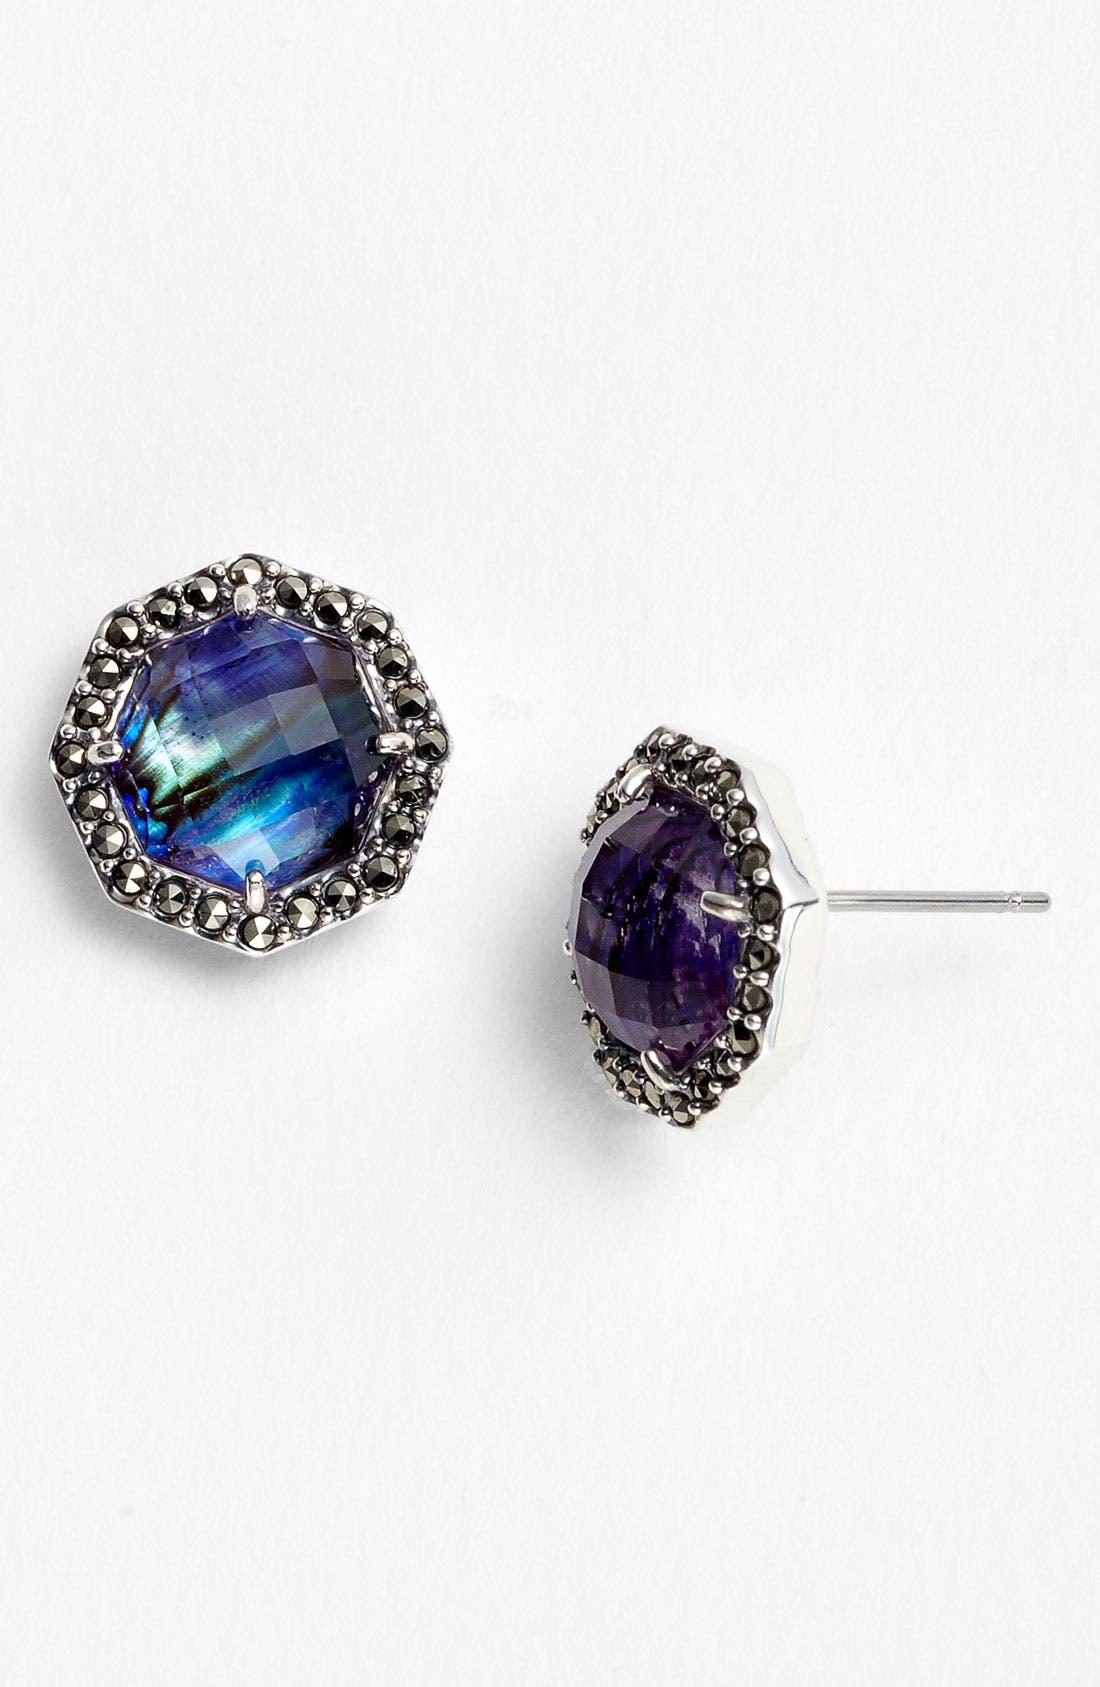 Alternate Image 1 Selected - Judith Jack 'Purple Maldives' Small Stud Earrings